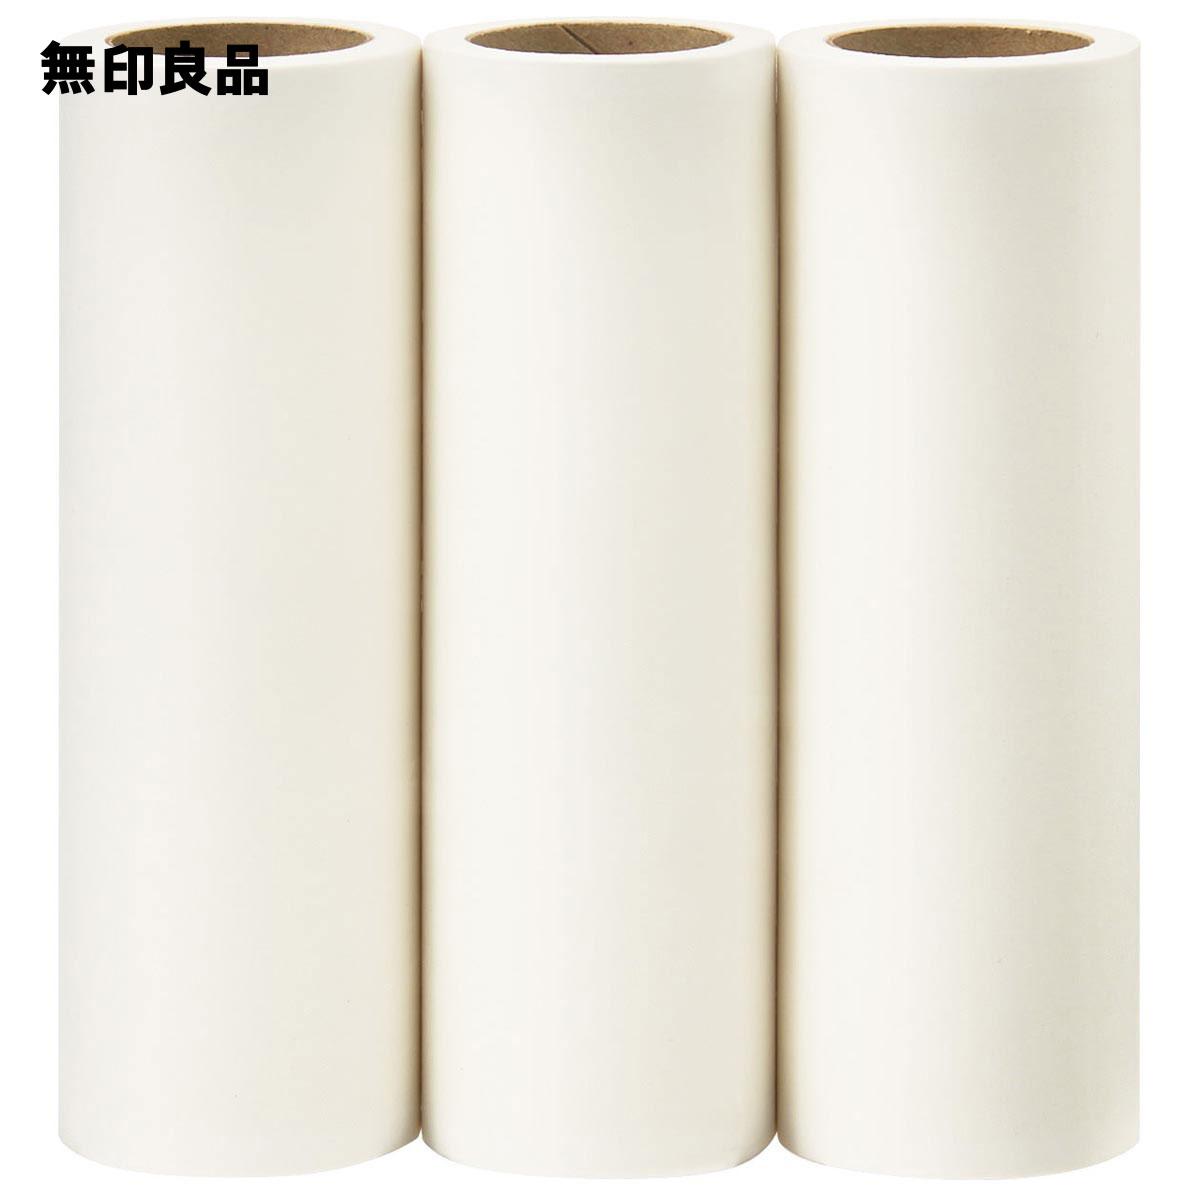 【無印良品 公式】掃除用品システム・カーペットクリーナー用替えテープ 幅16cm・90周・3本組